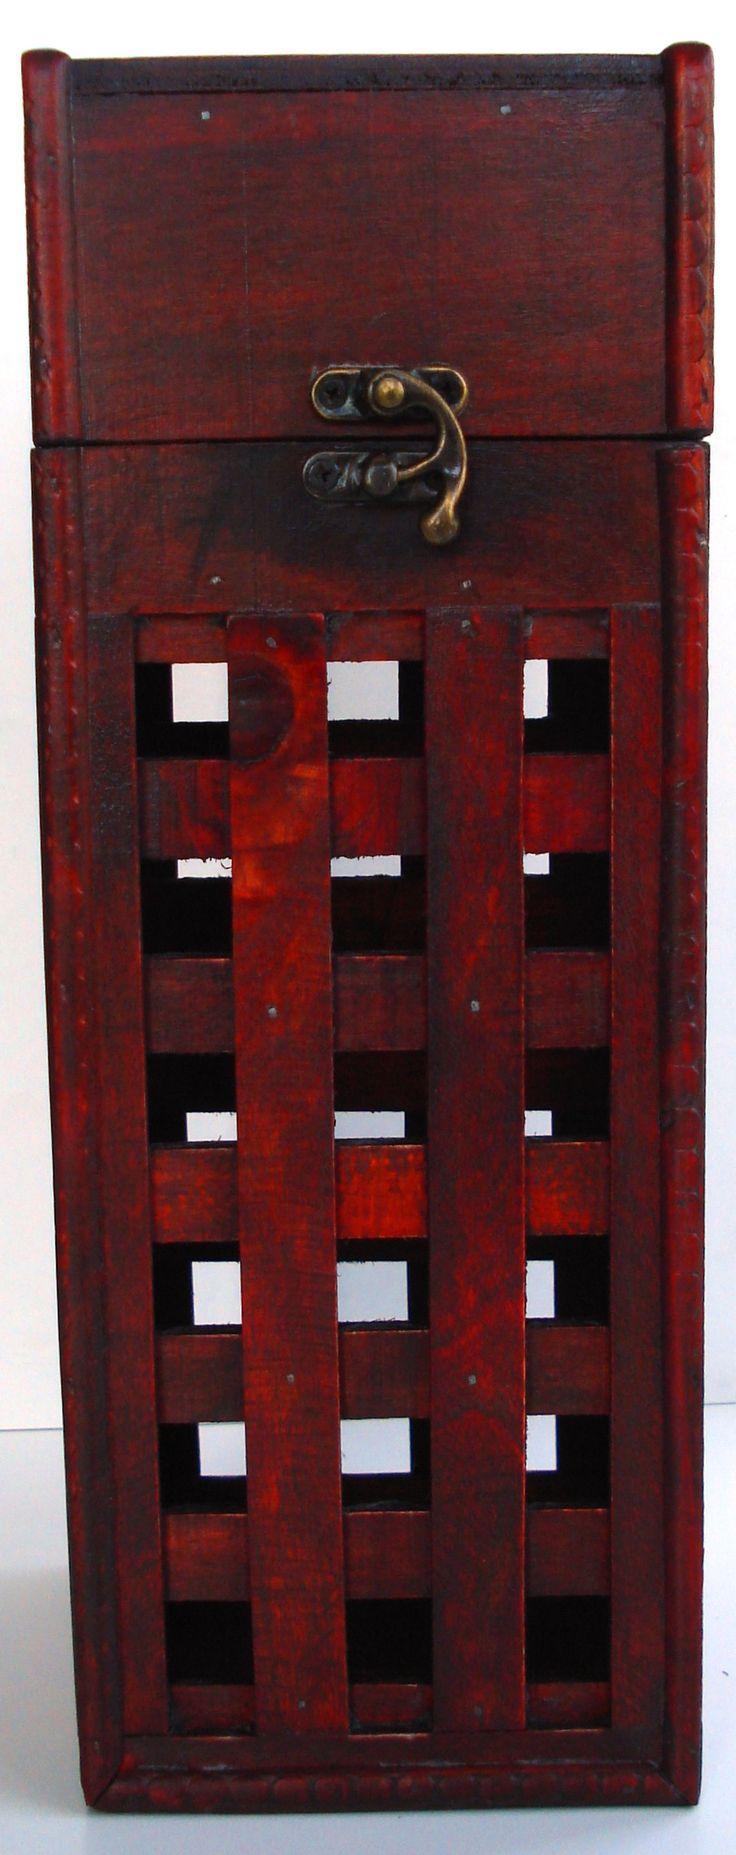 Krabica Obal Kazeta Box 1 fľaša drevená rustikálna ... www.vinopredaj.sk ... Vonkajšie rozmery v cm : v x š x h : 33,5 x 12 x12